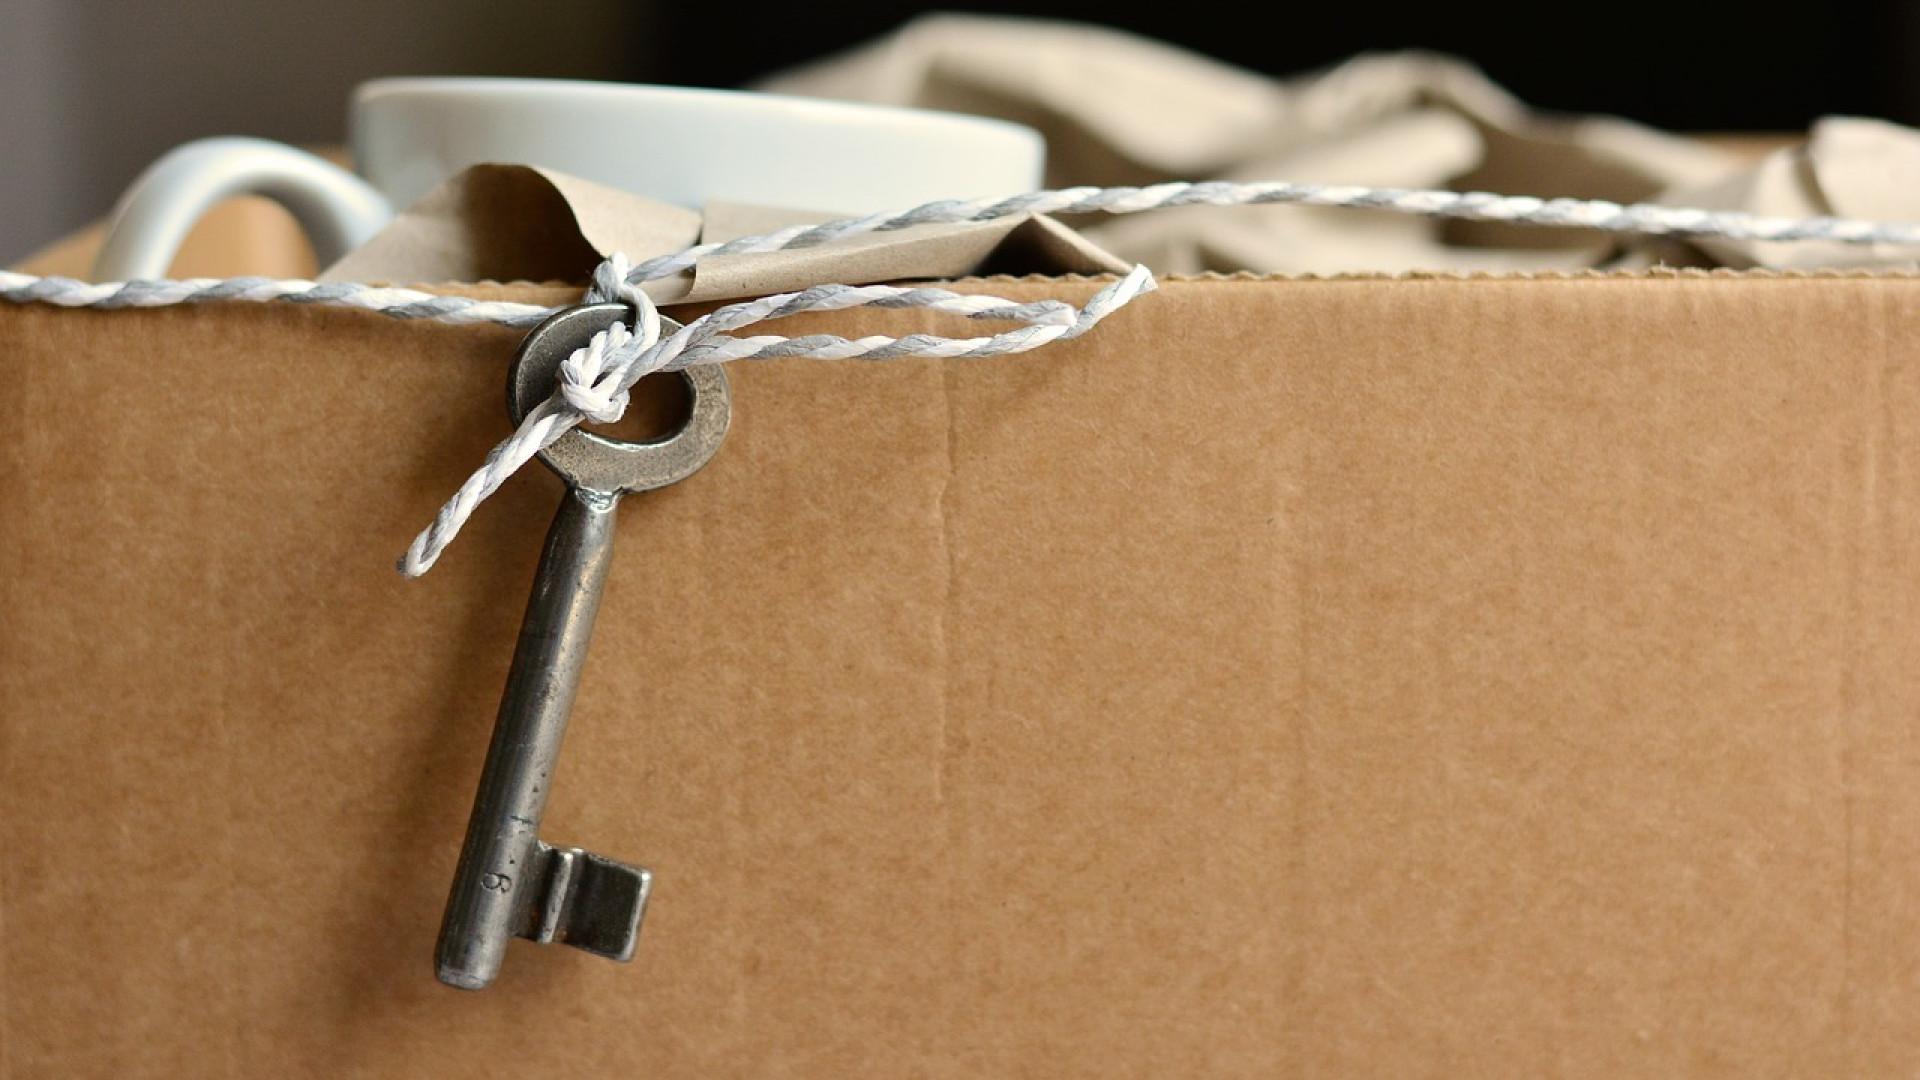 Tarifs de déménagement en Belgique, comment faire baisser le coût total ?